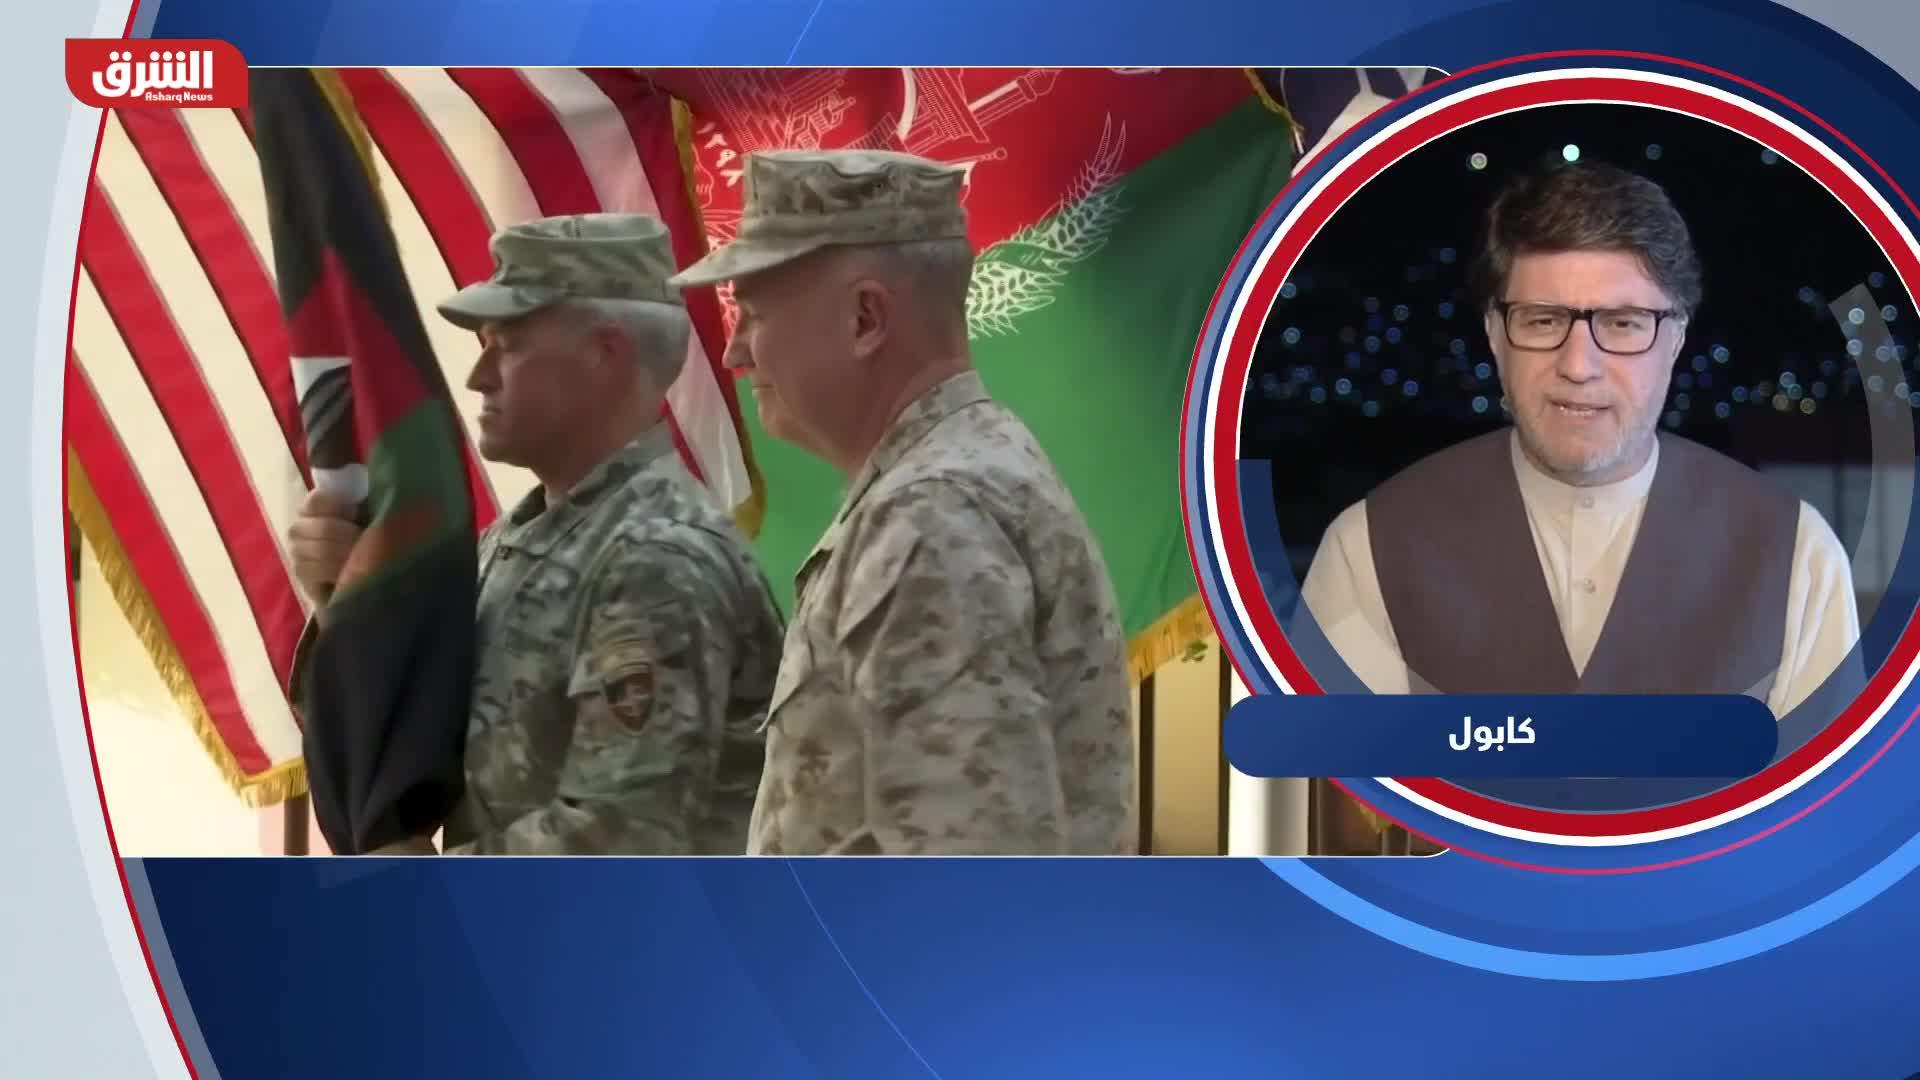 بوجود طالبان وتقدمها على الأرض .. هل تحمل الحكومة الأفغانية واشنطن ما يحدث في أفغانستان؟